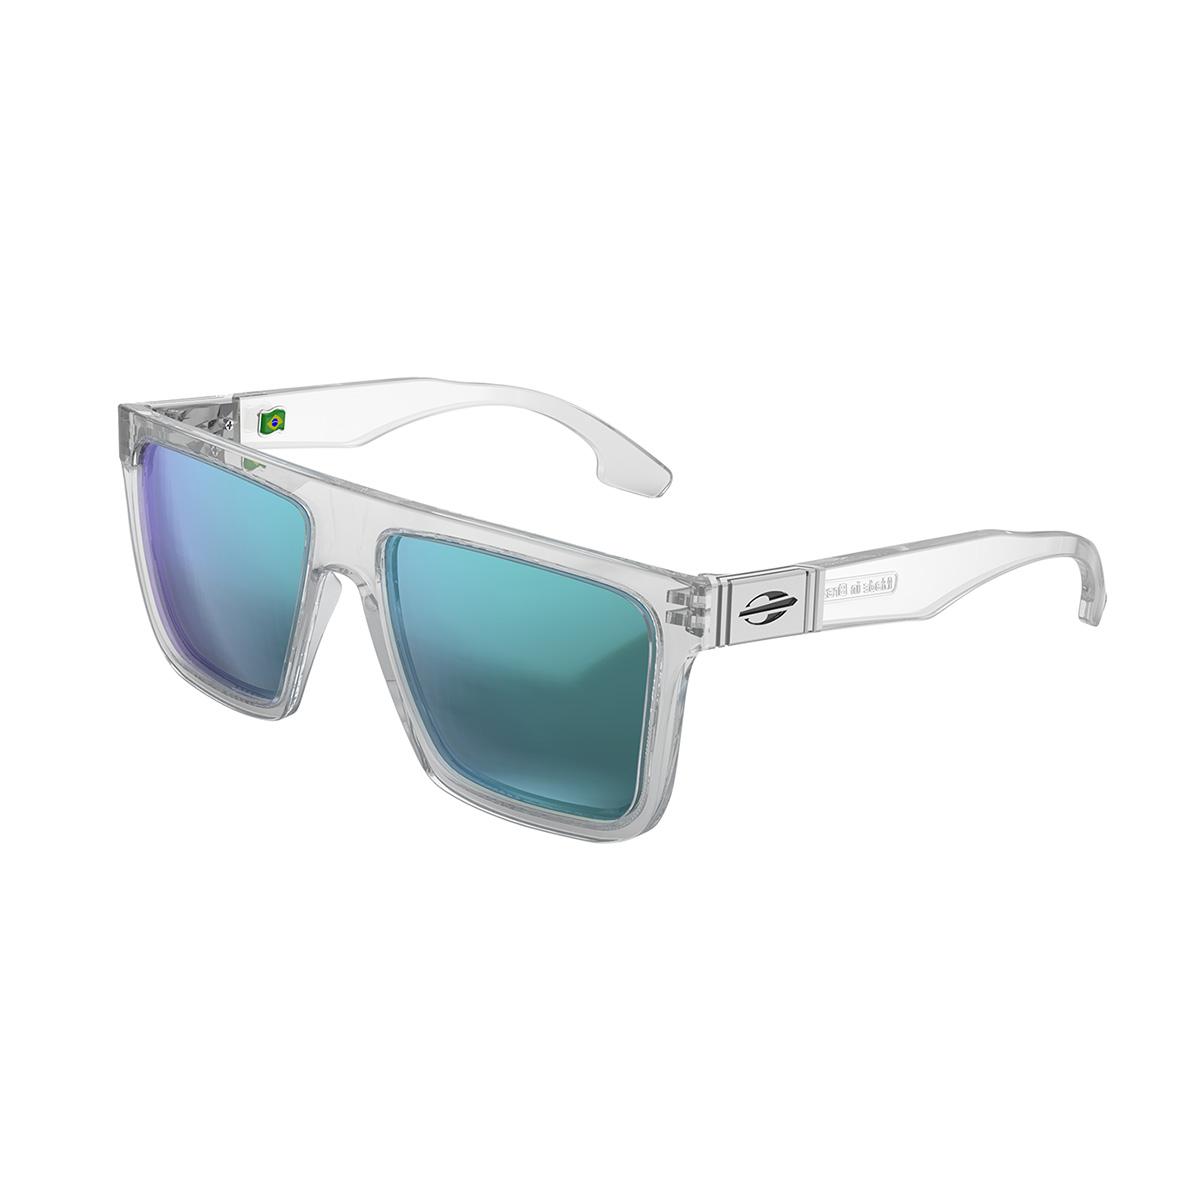 Óculos de Sol Mormaii San Francisco M0031D5497MormaiiMormaii de ... 642c27f58b